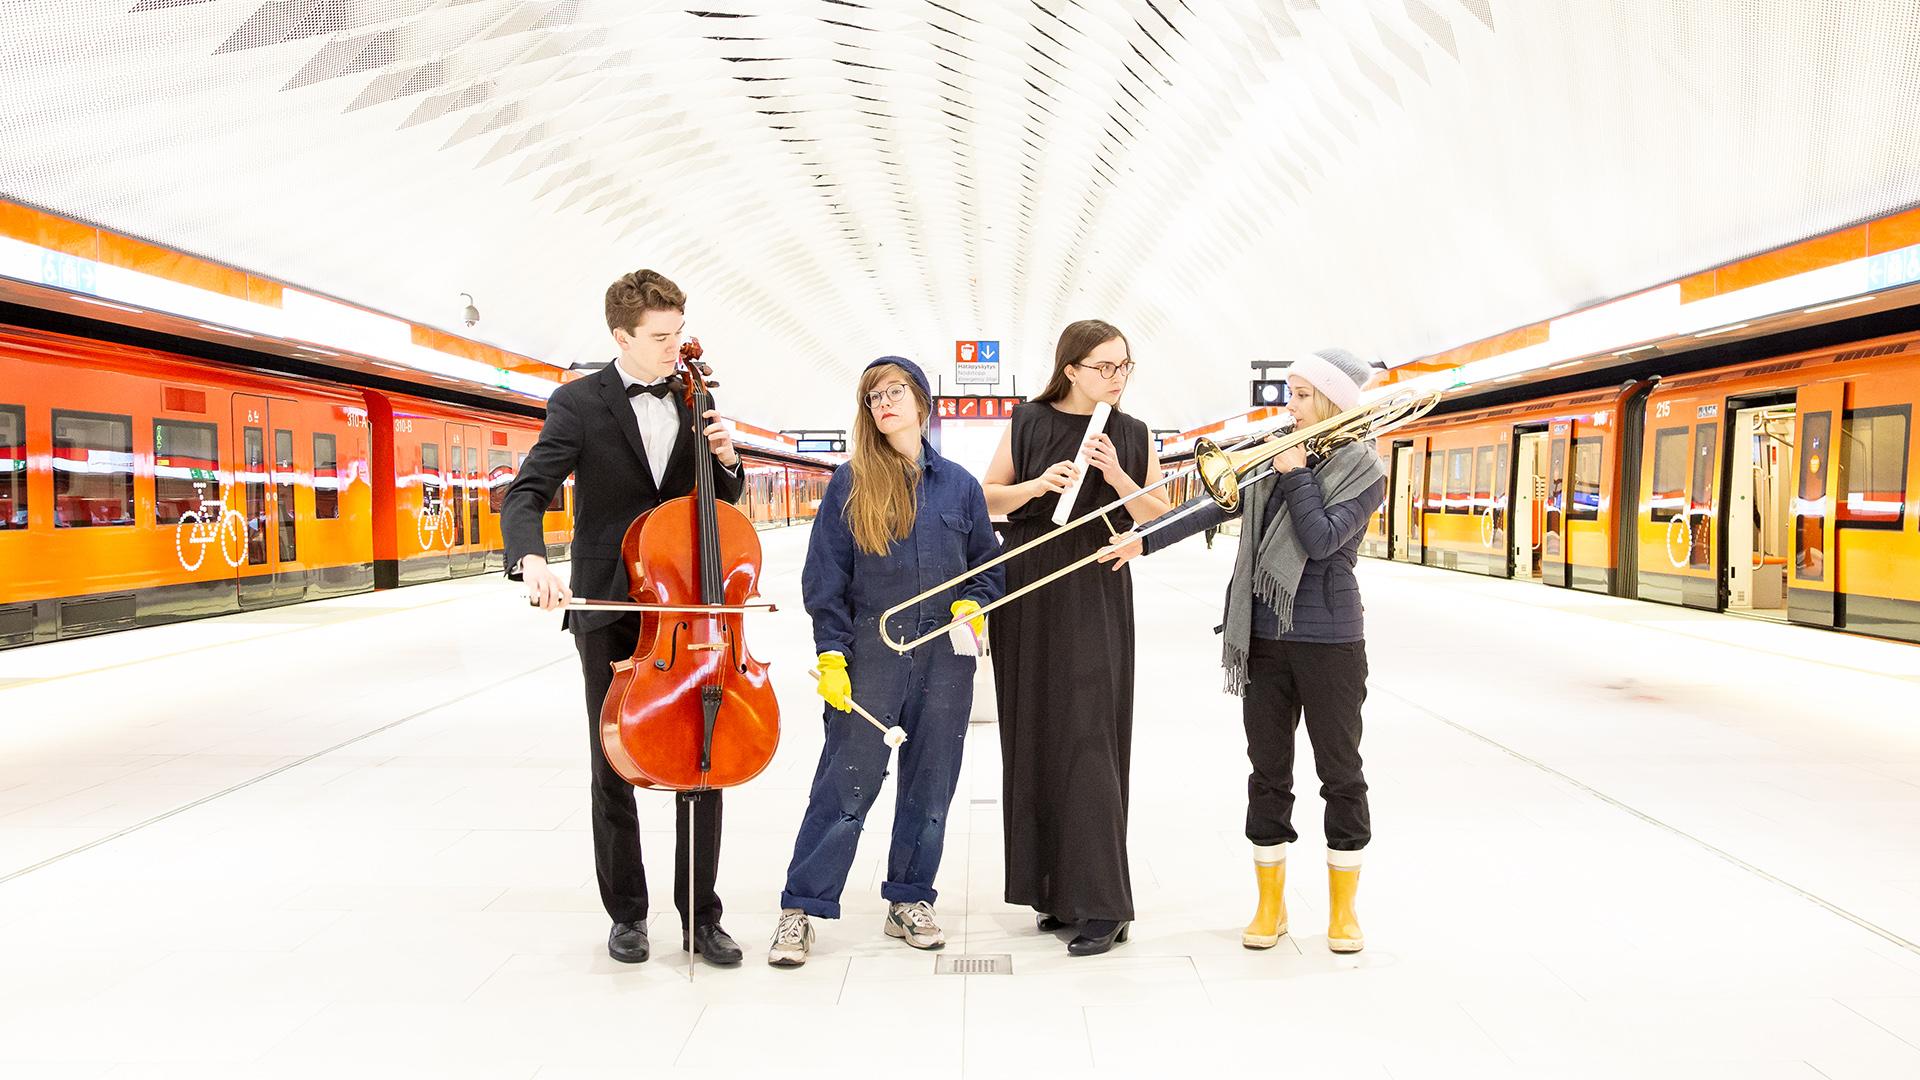 Muusikoita metrolaiturilla